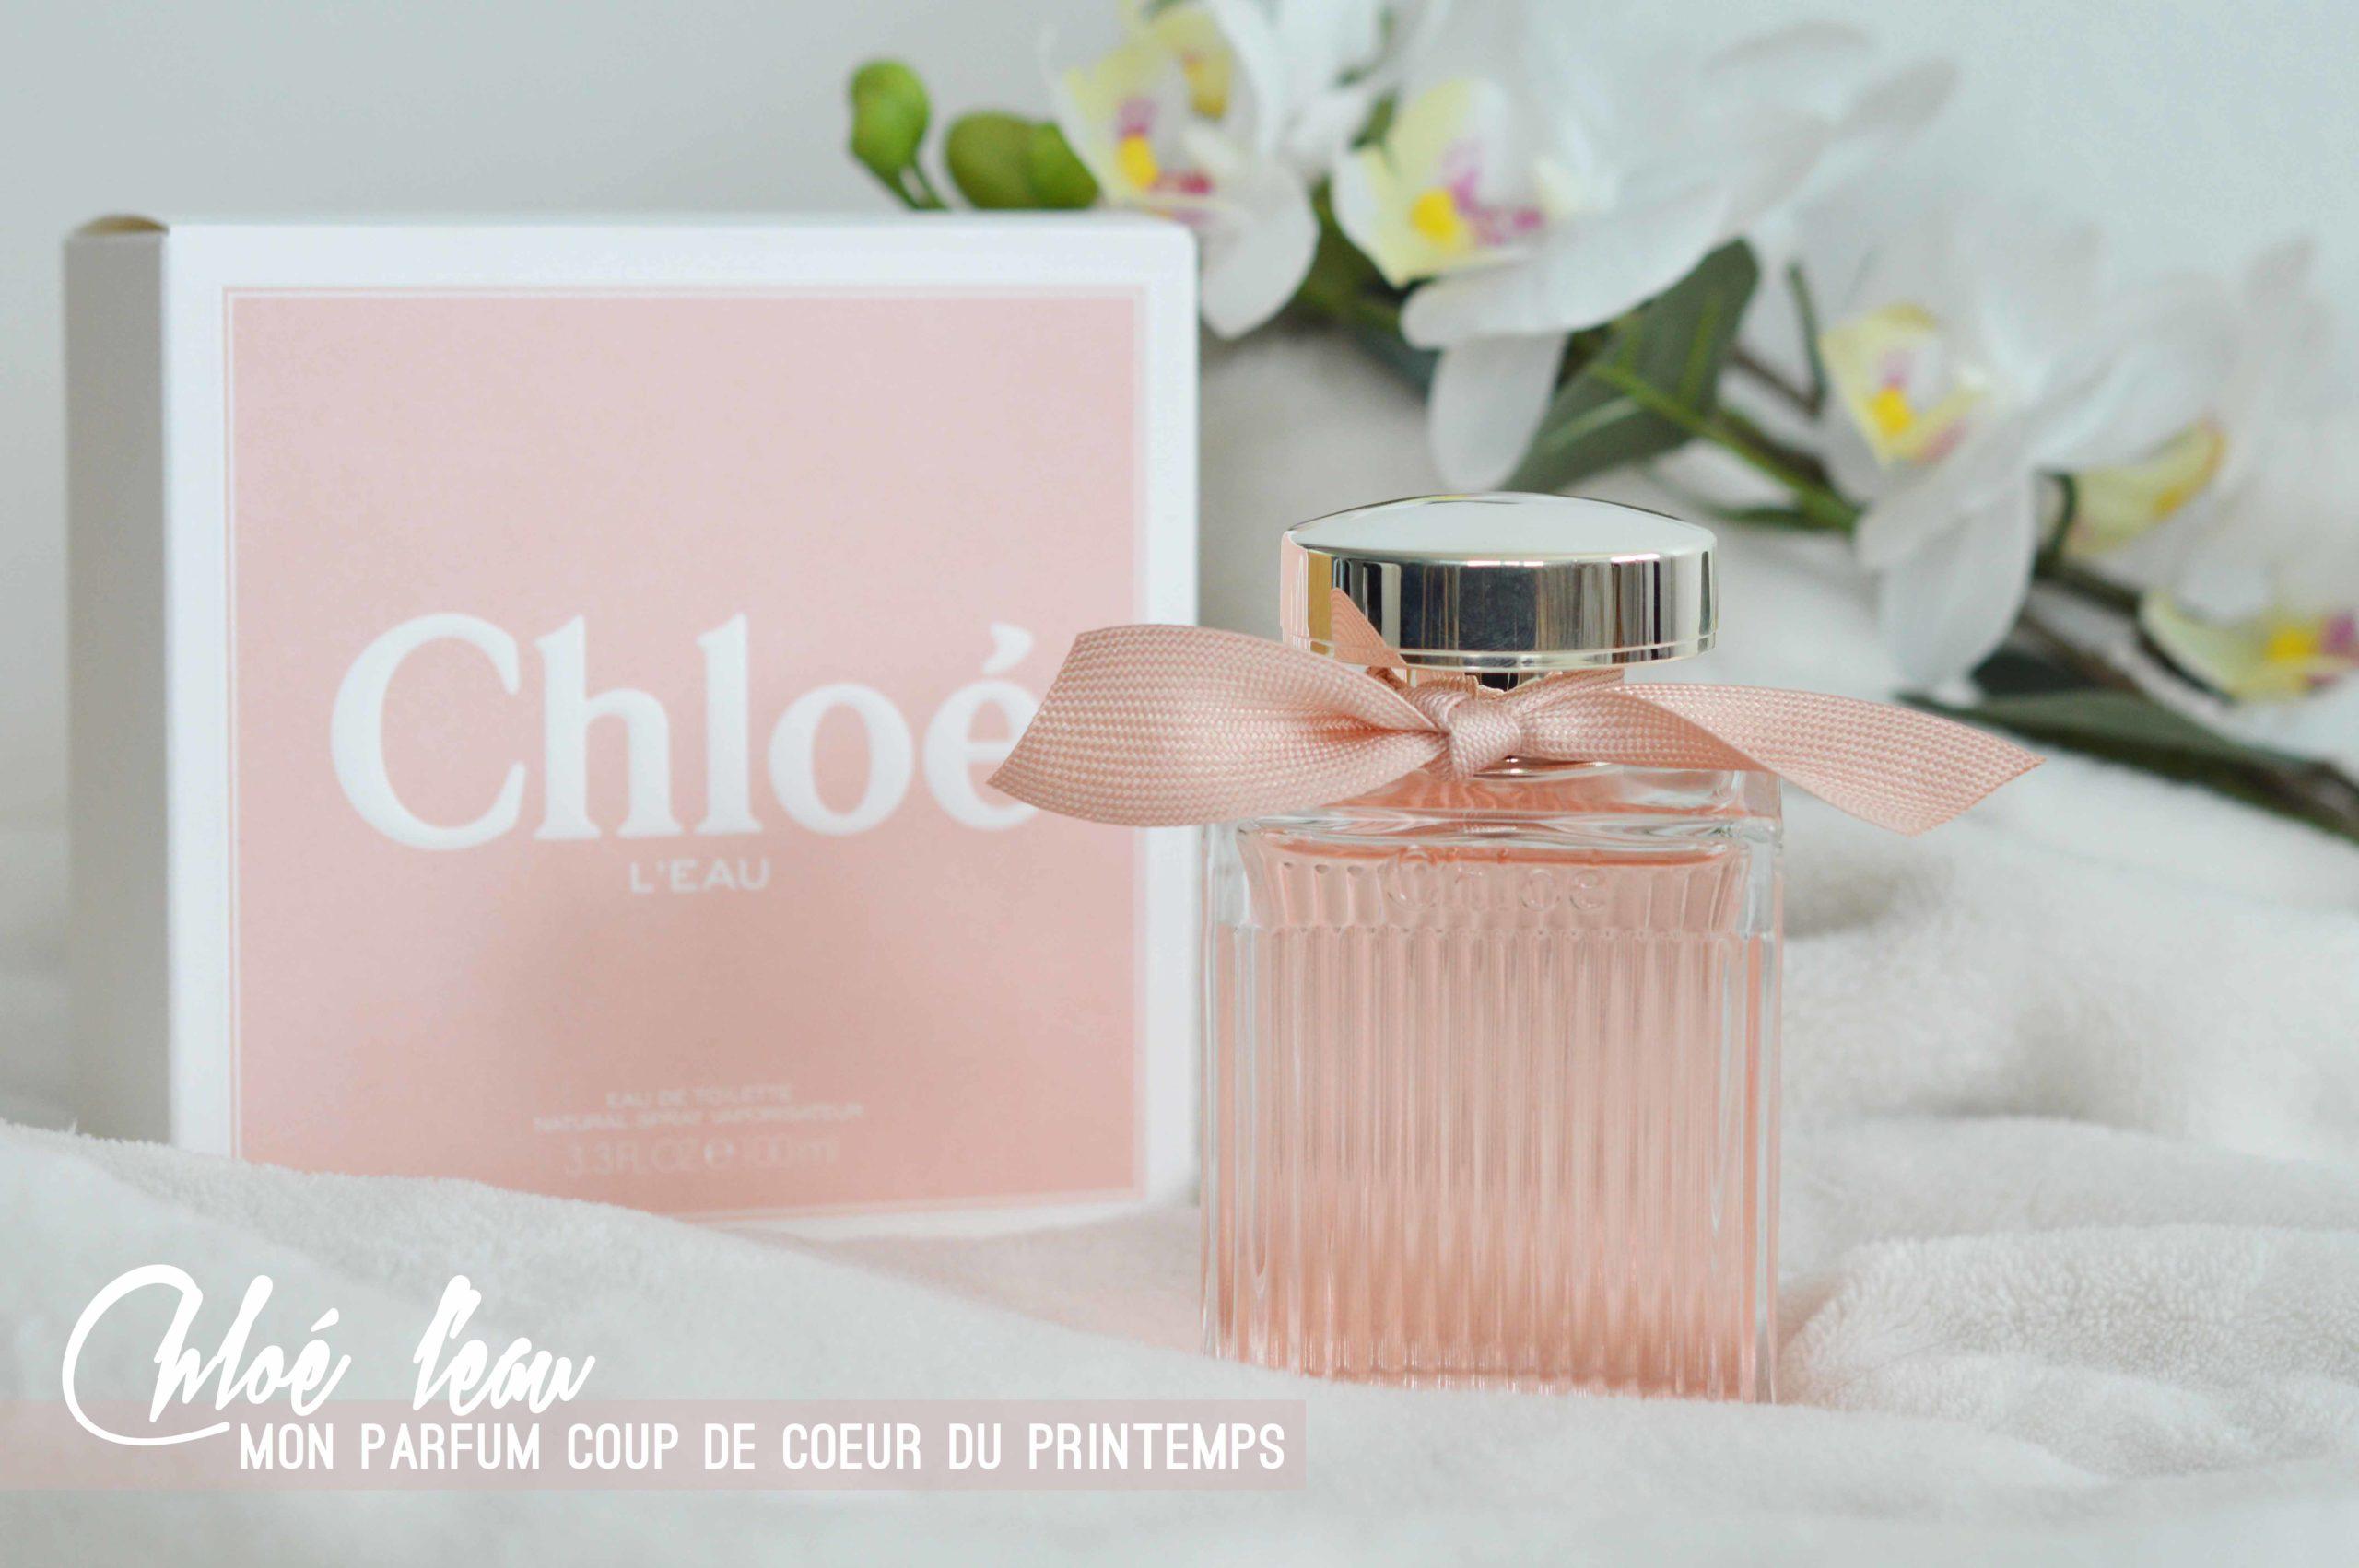 L'eau de Chloé sur Notino, mon parfum du printemps